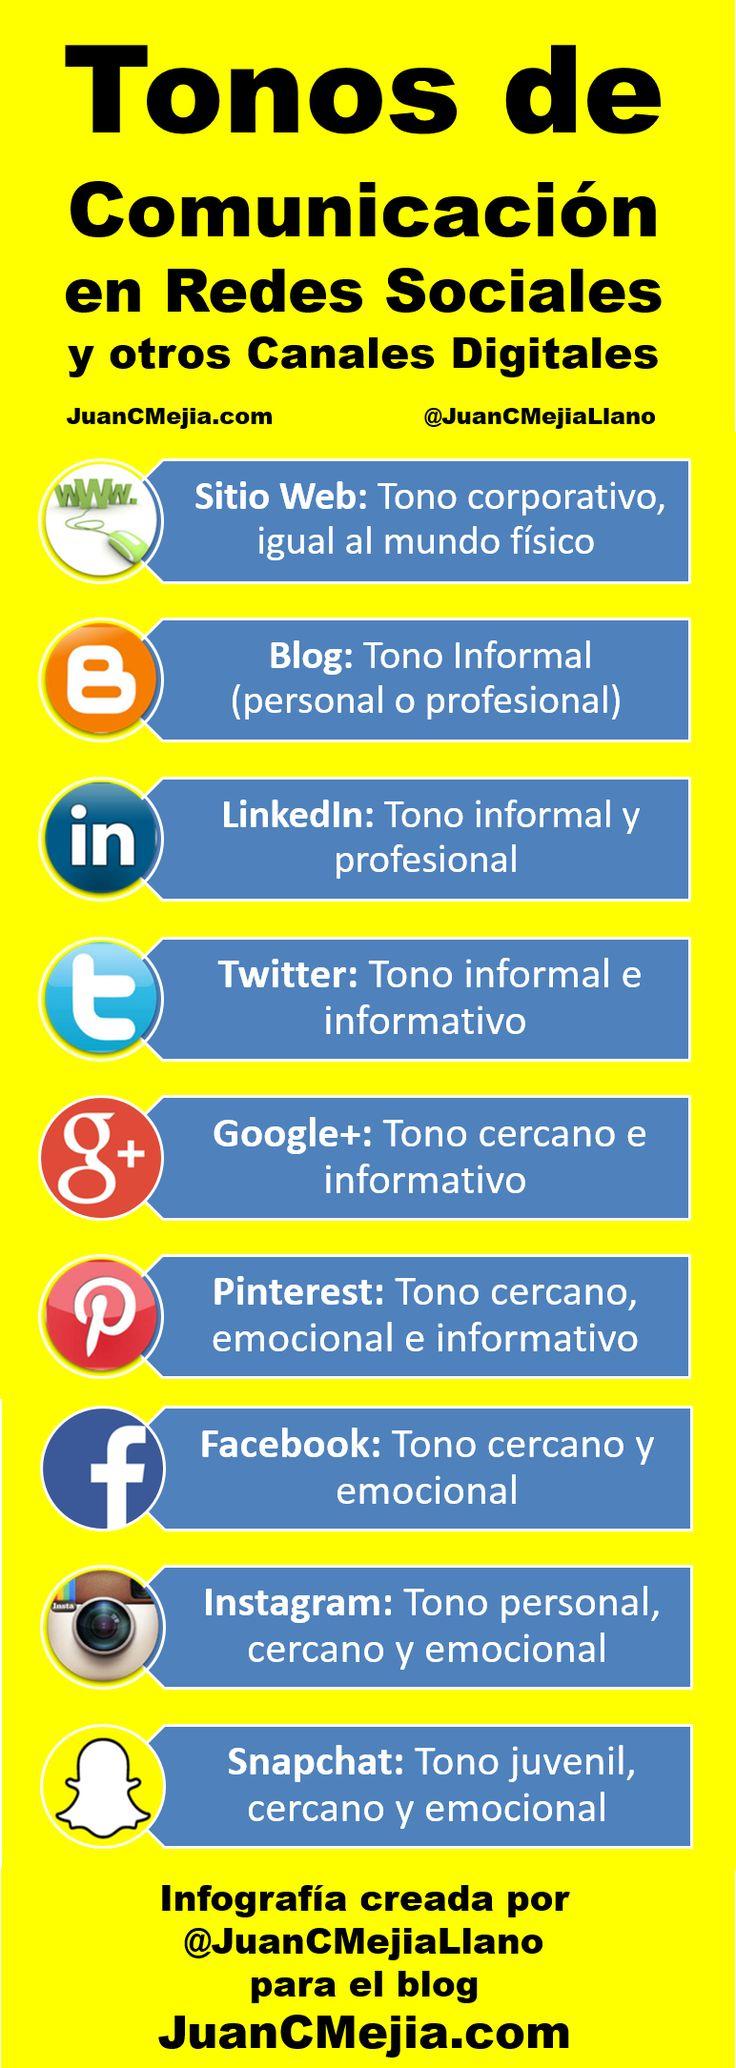 Tonos de comunicación en Redes Sociales #infografía